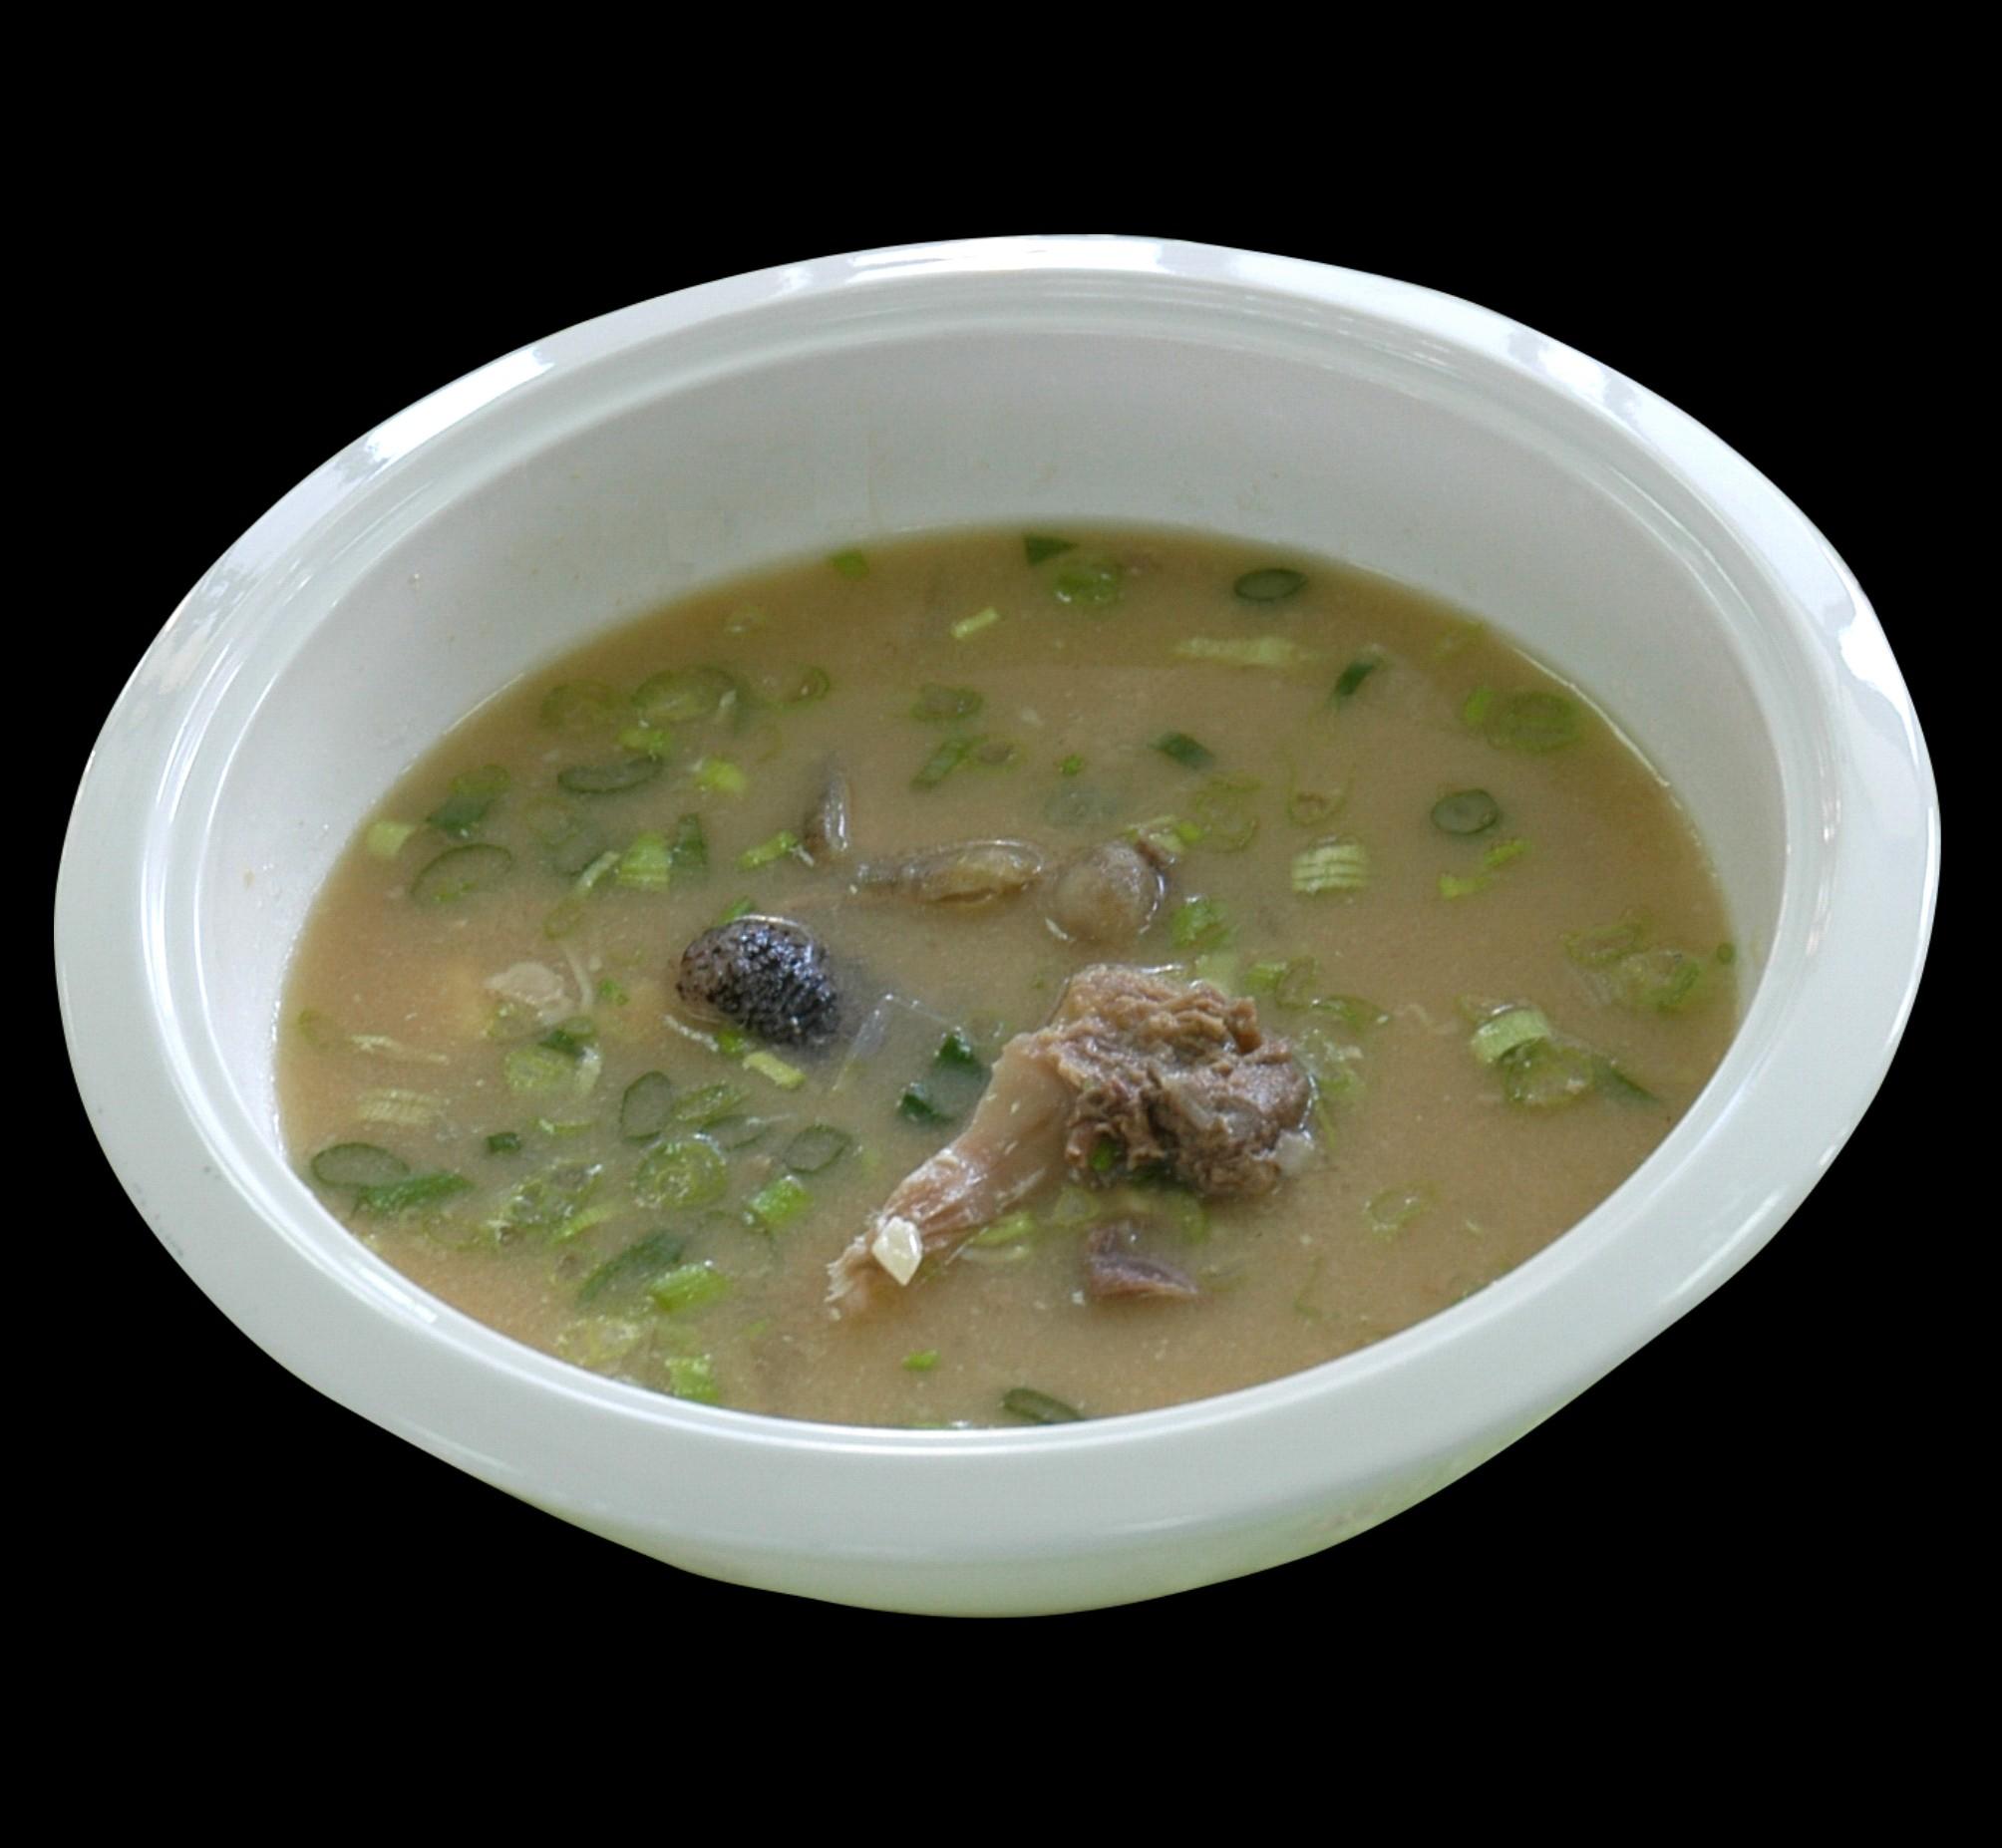 味噌魚頭湯